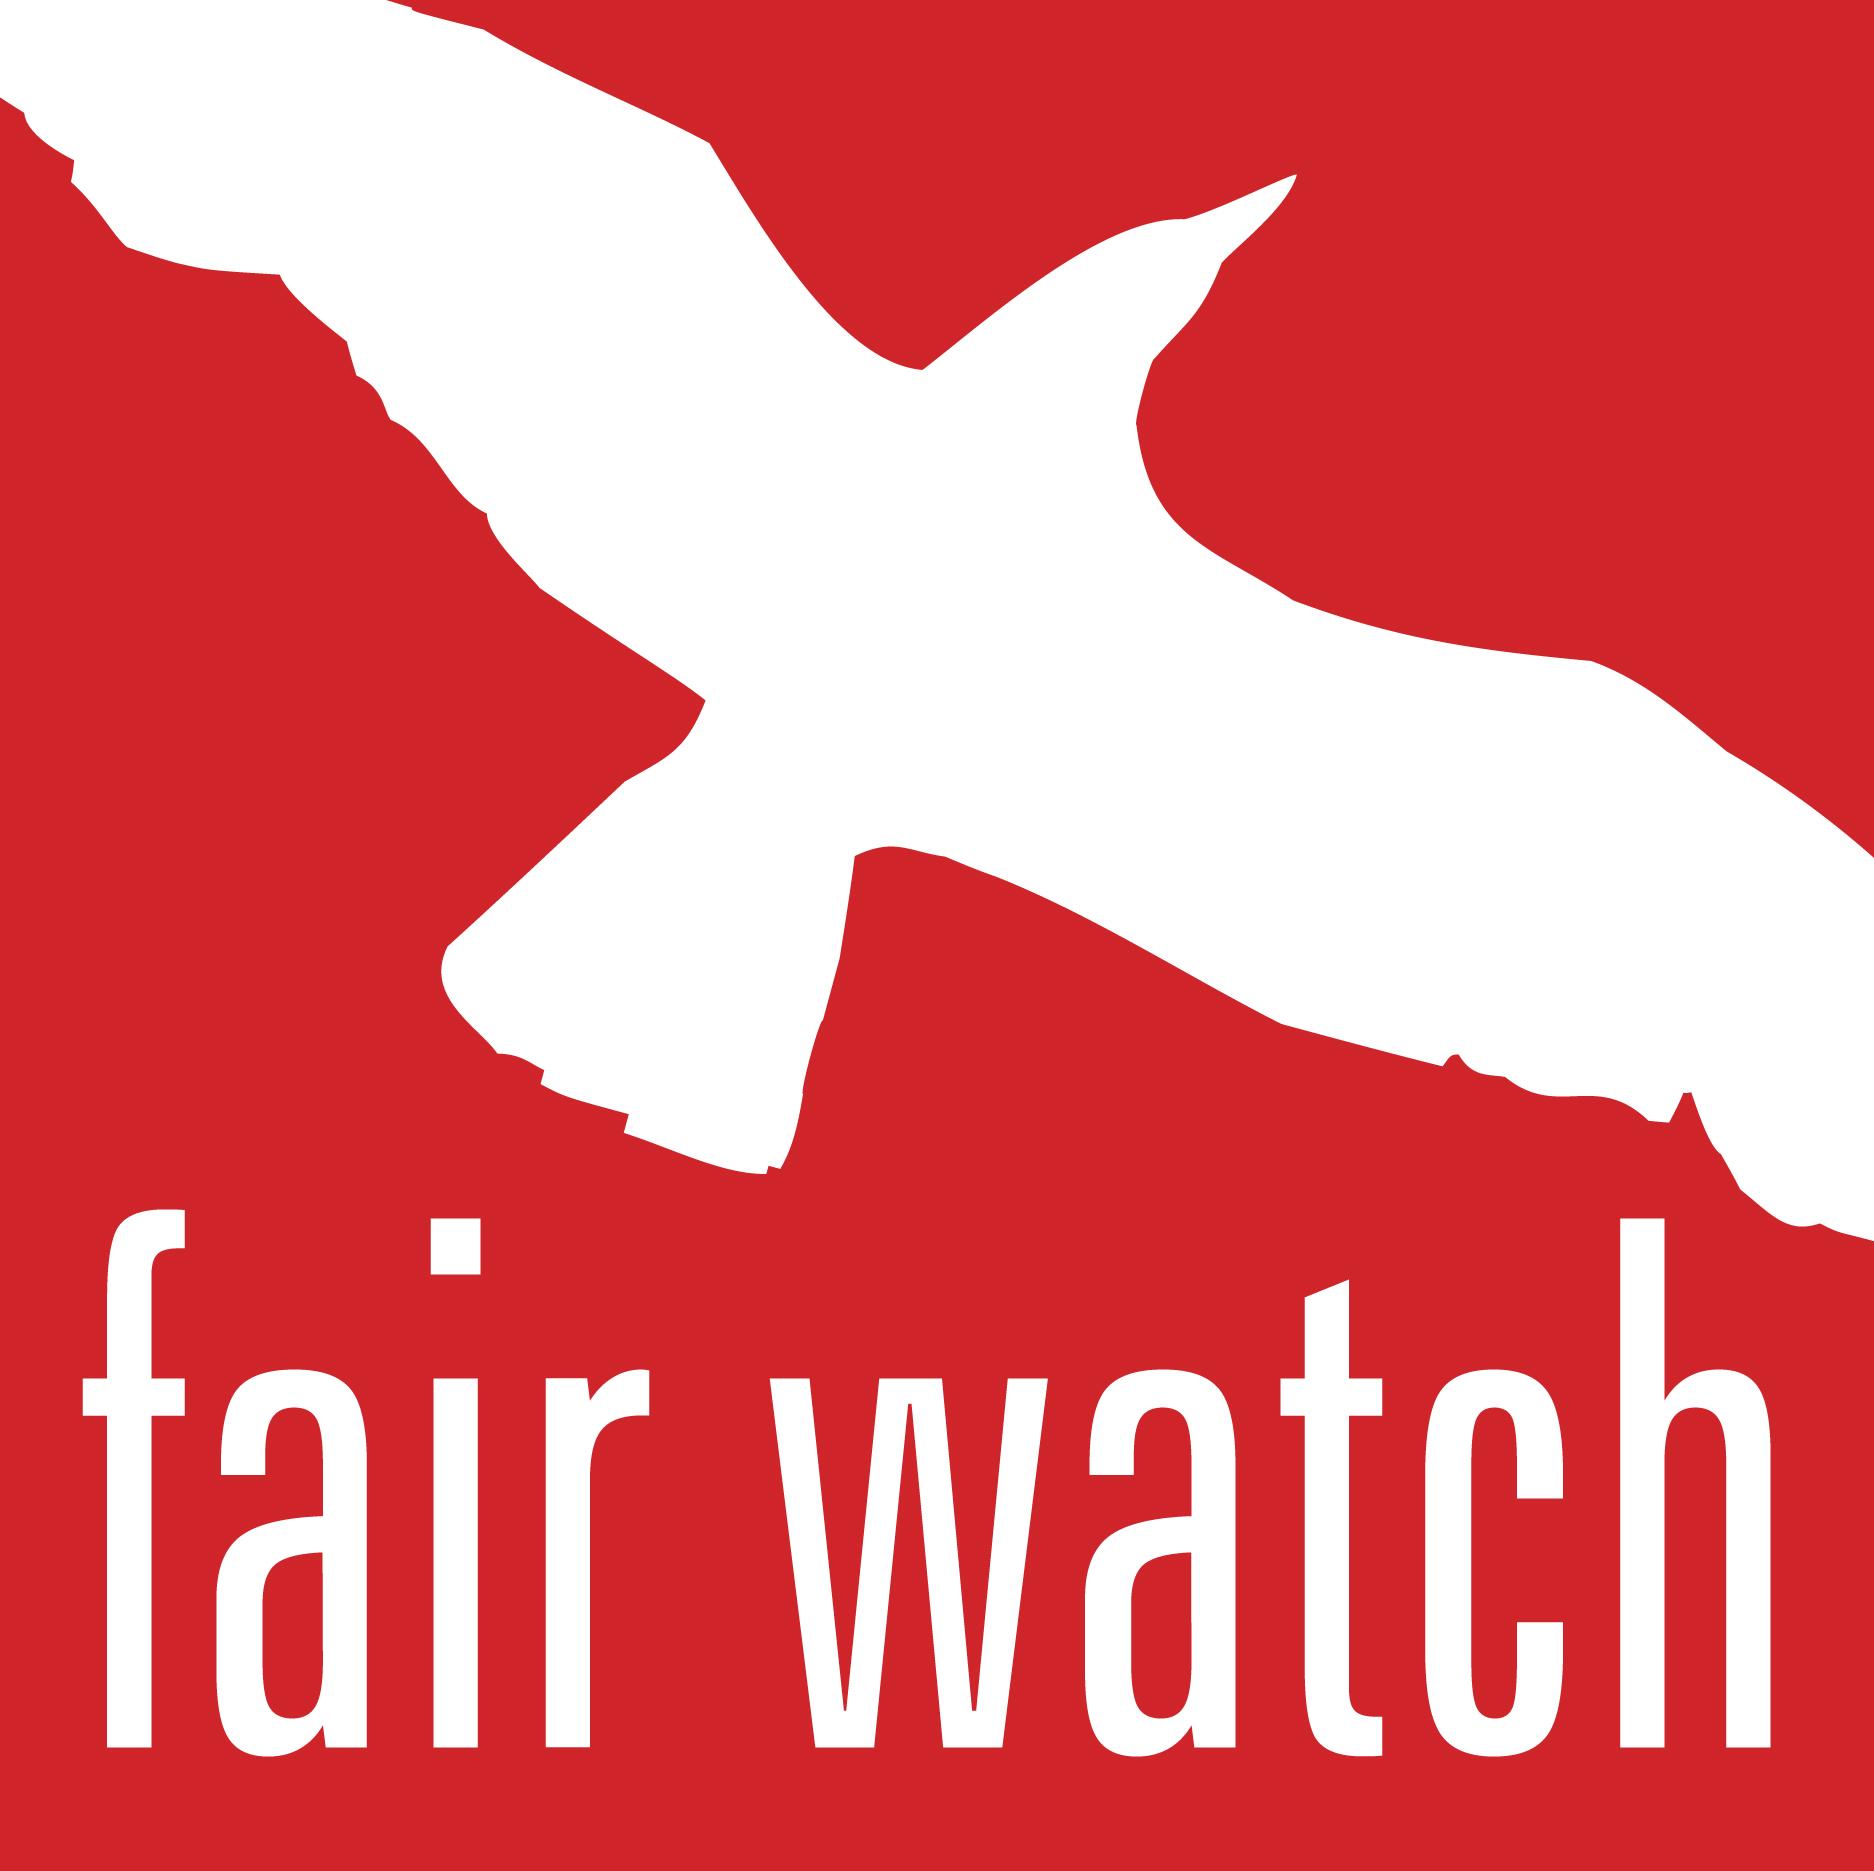 Fair Watch